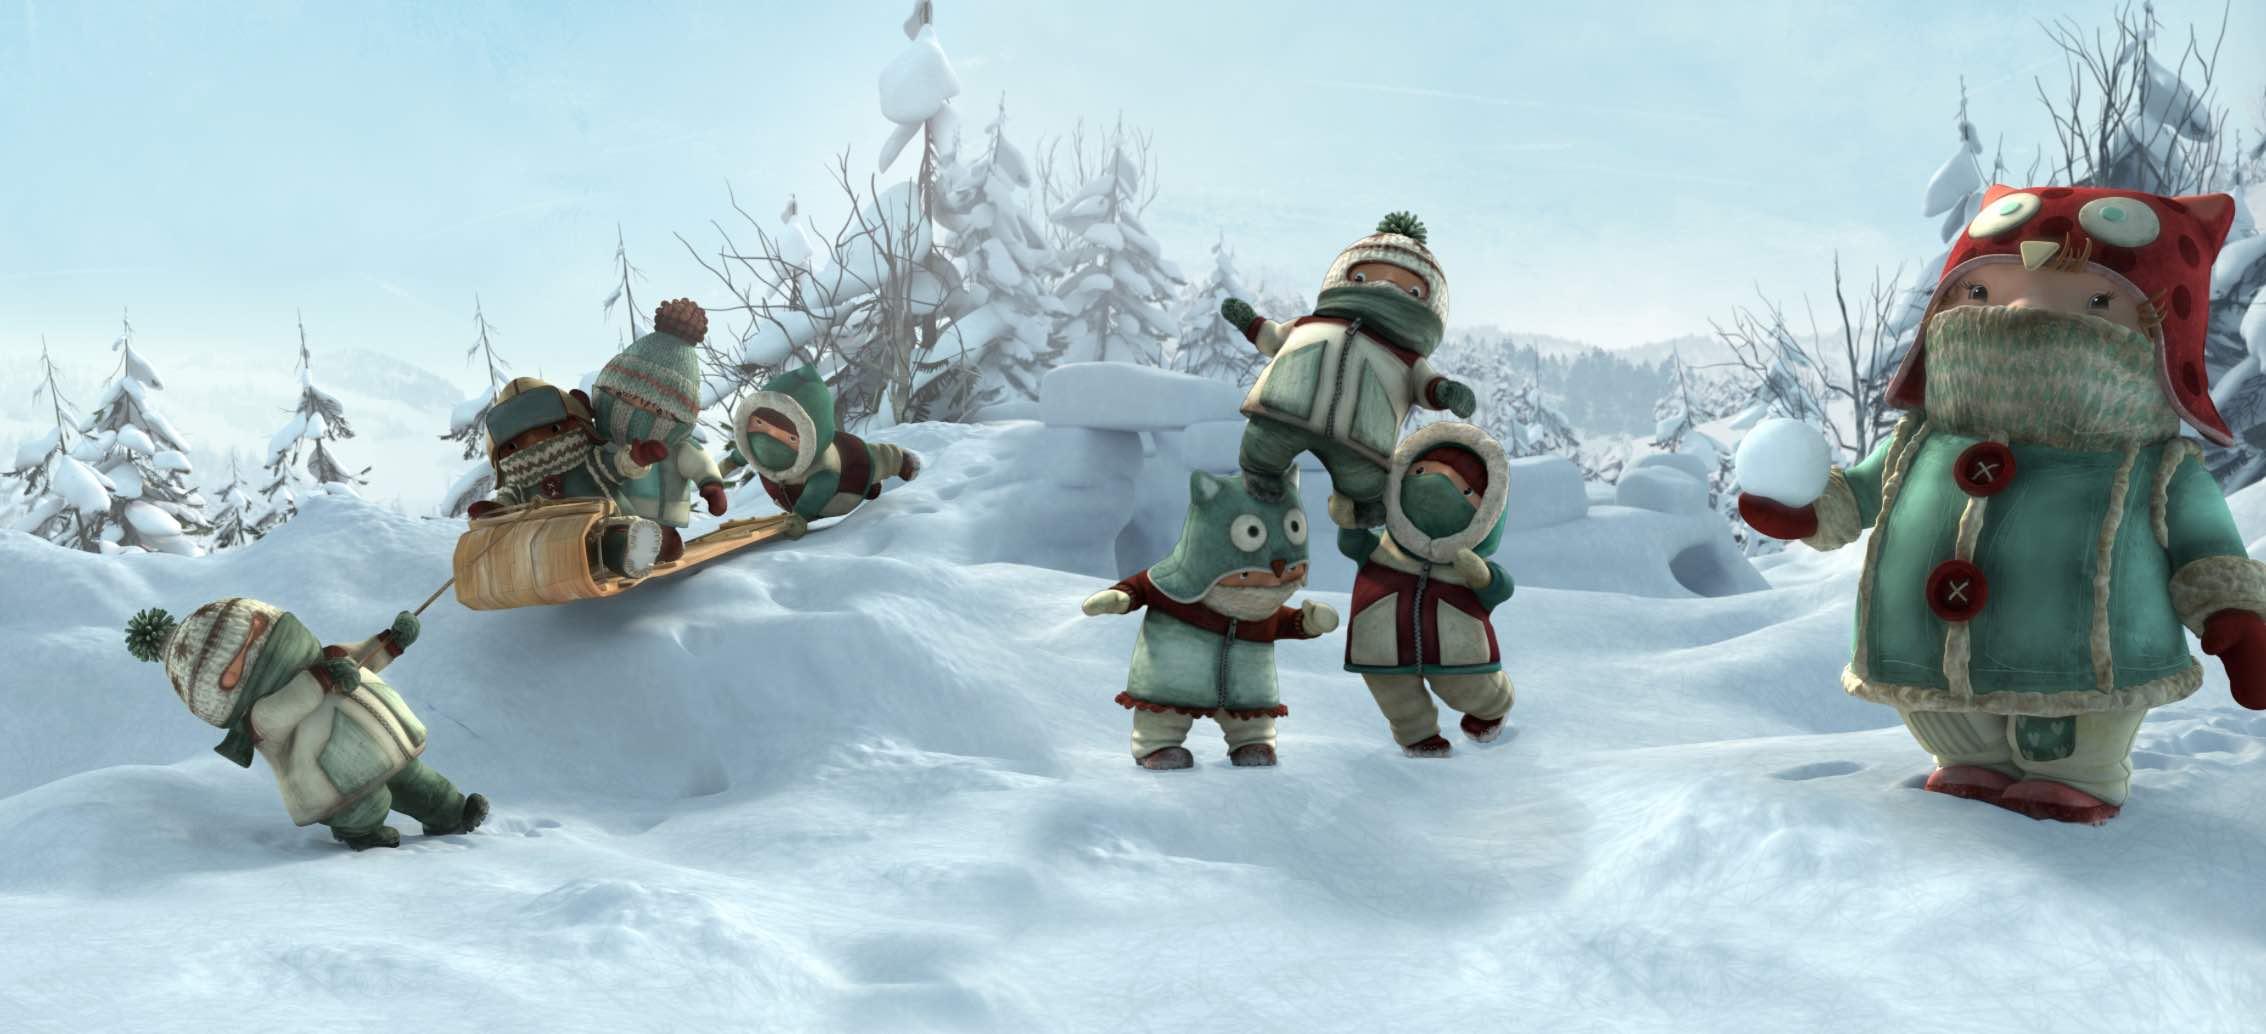 Snowtime preschoolers